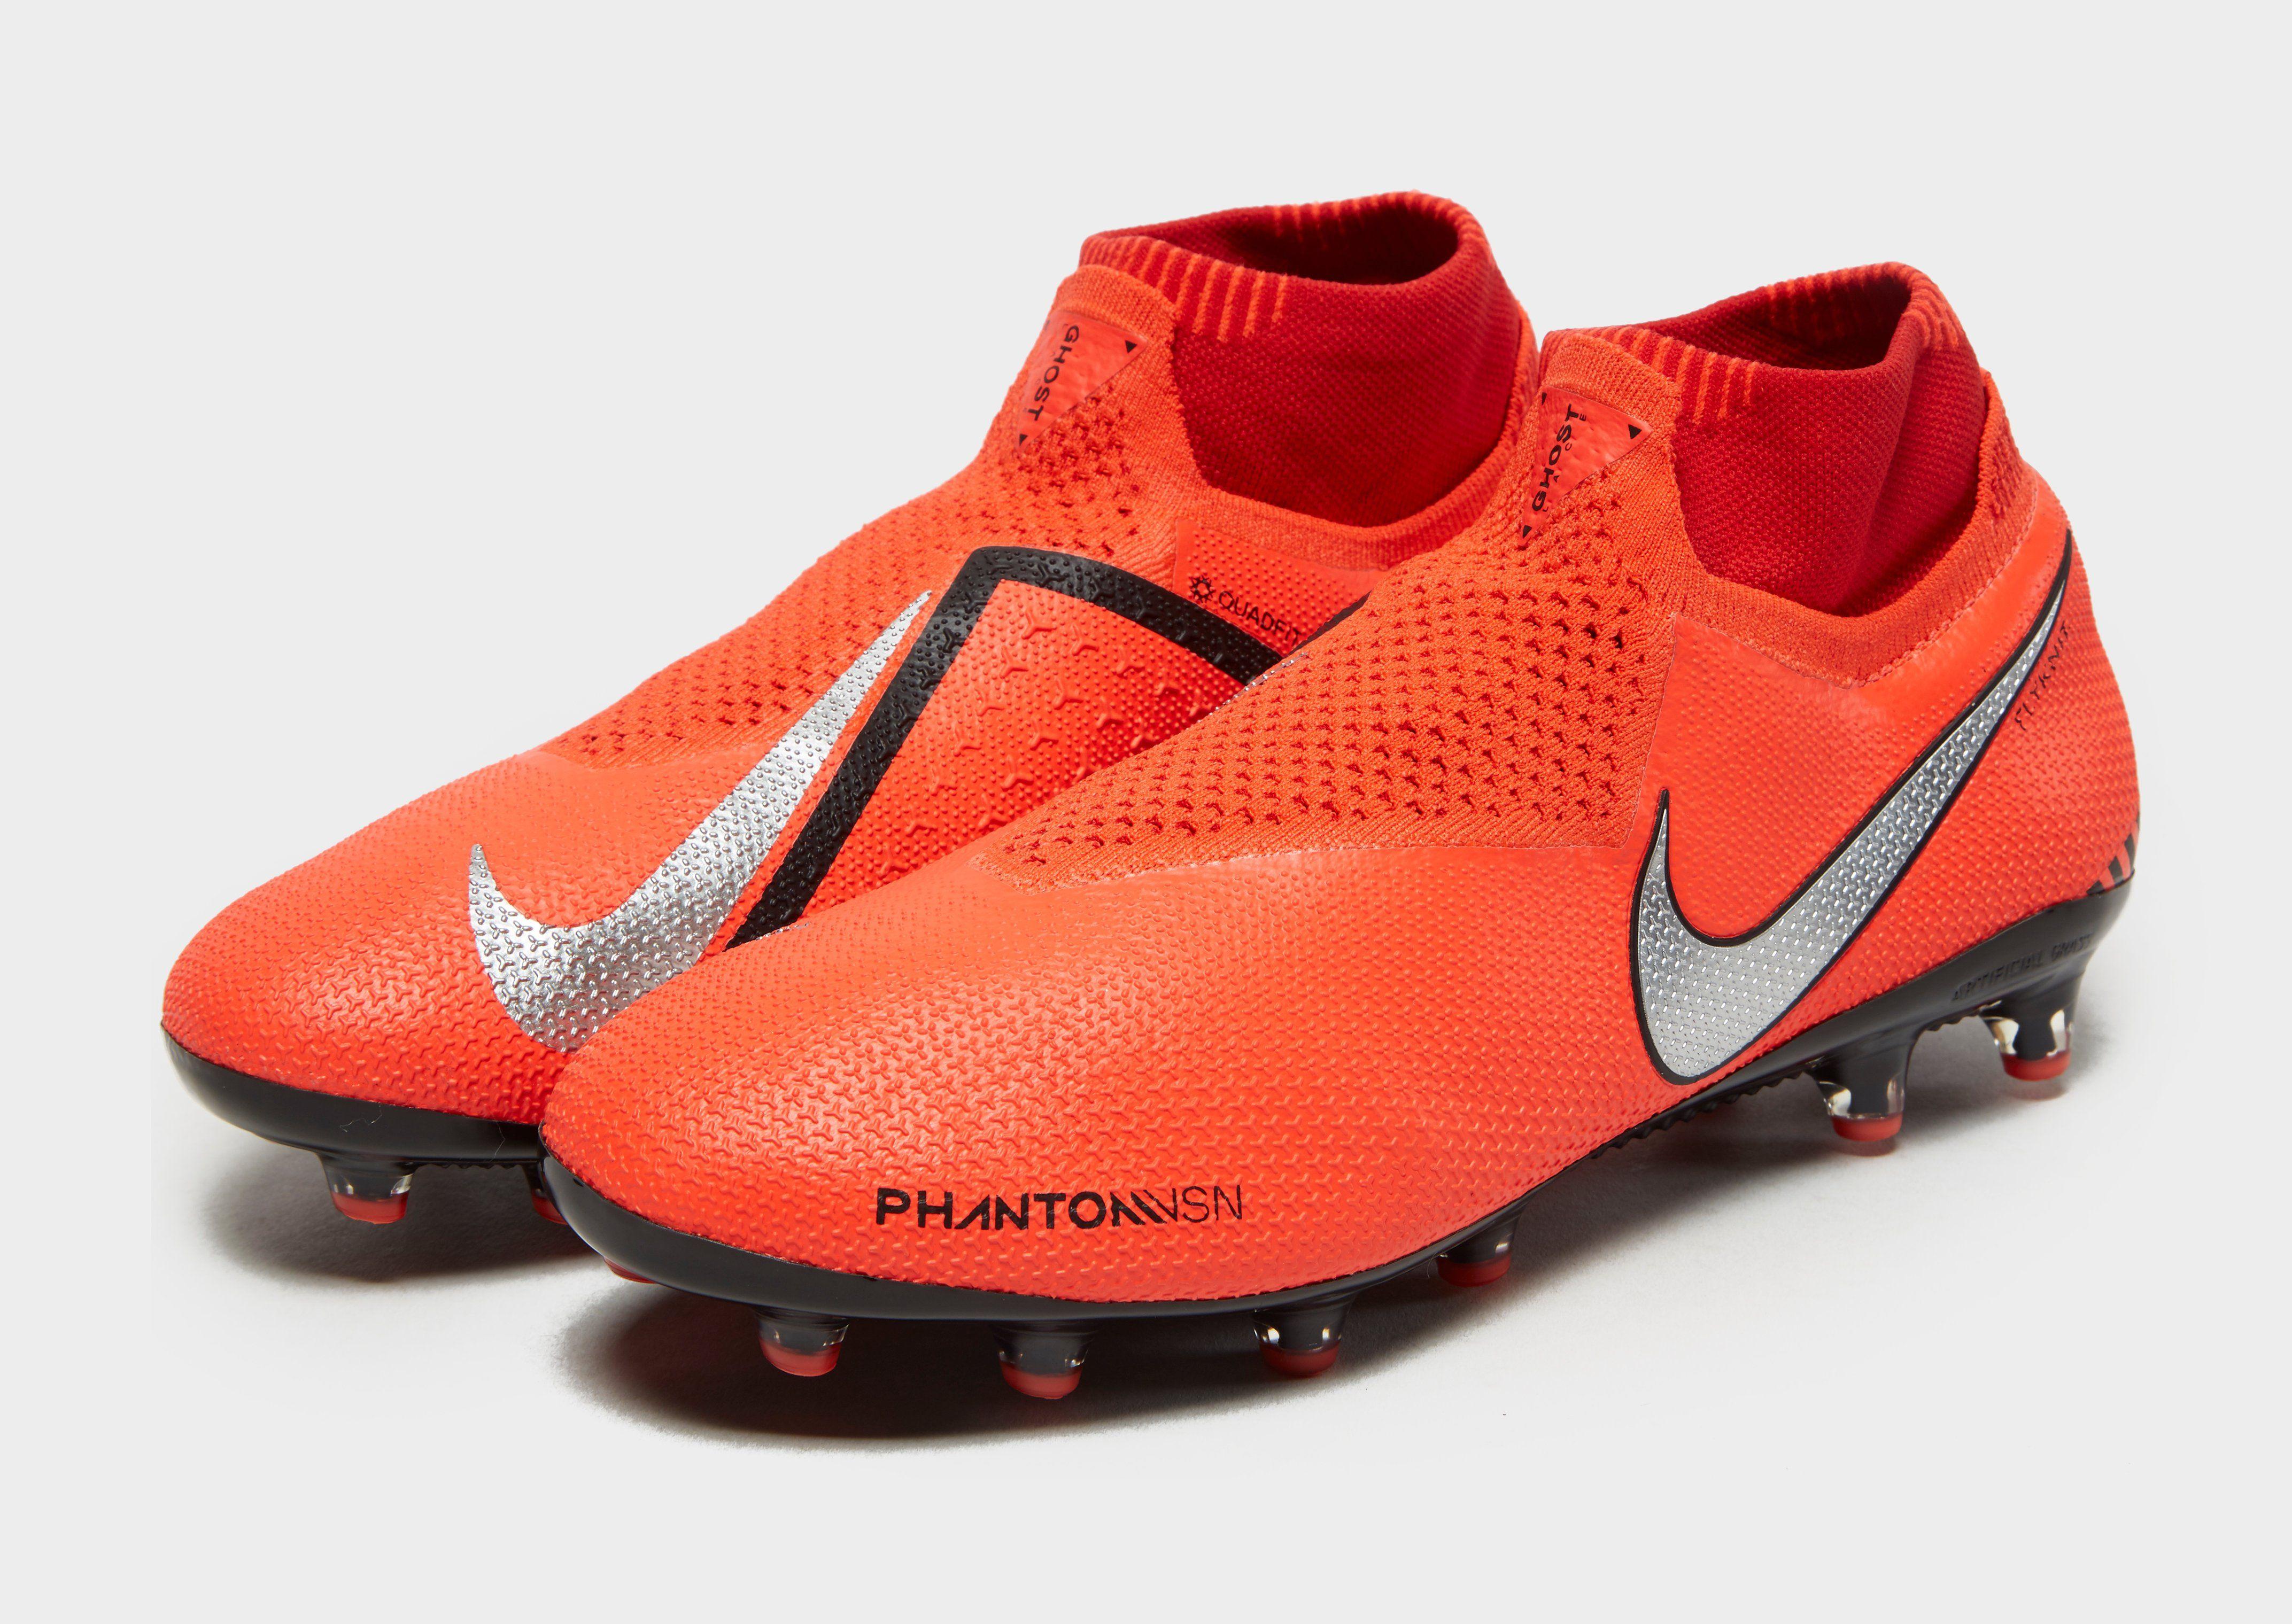 Nike Game Over Phantom Vision Elite FG